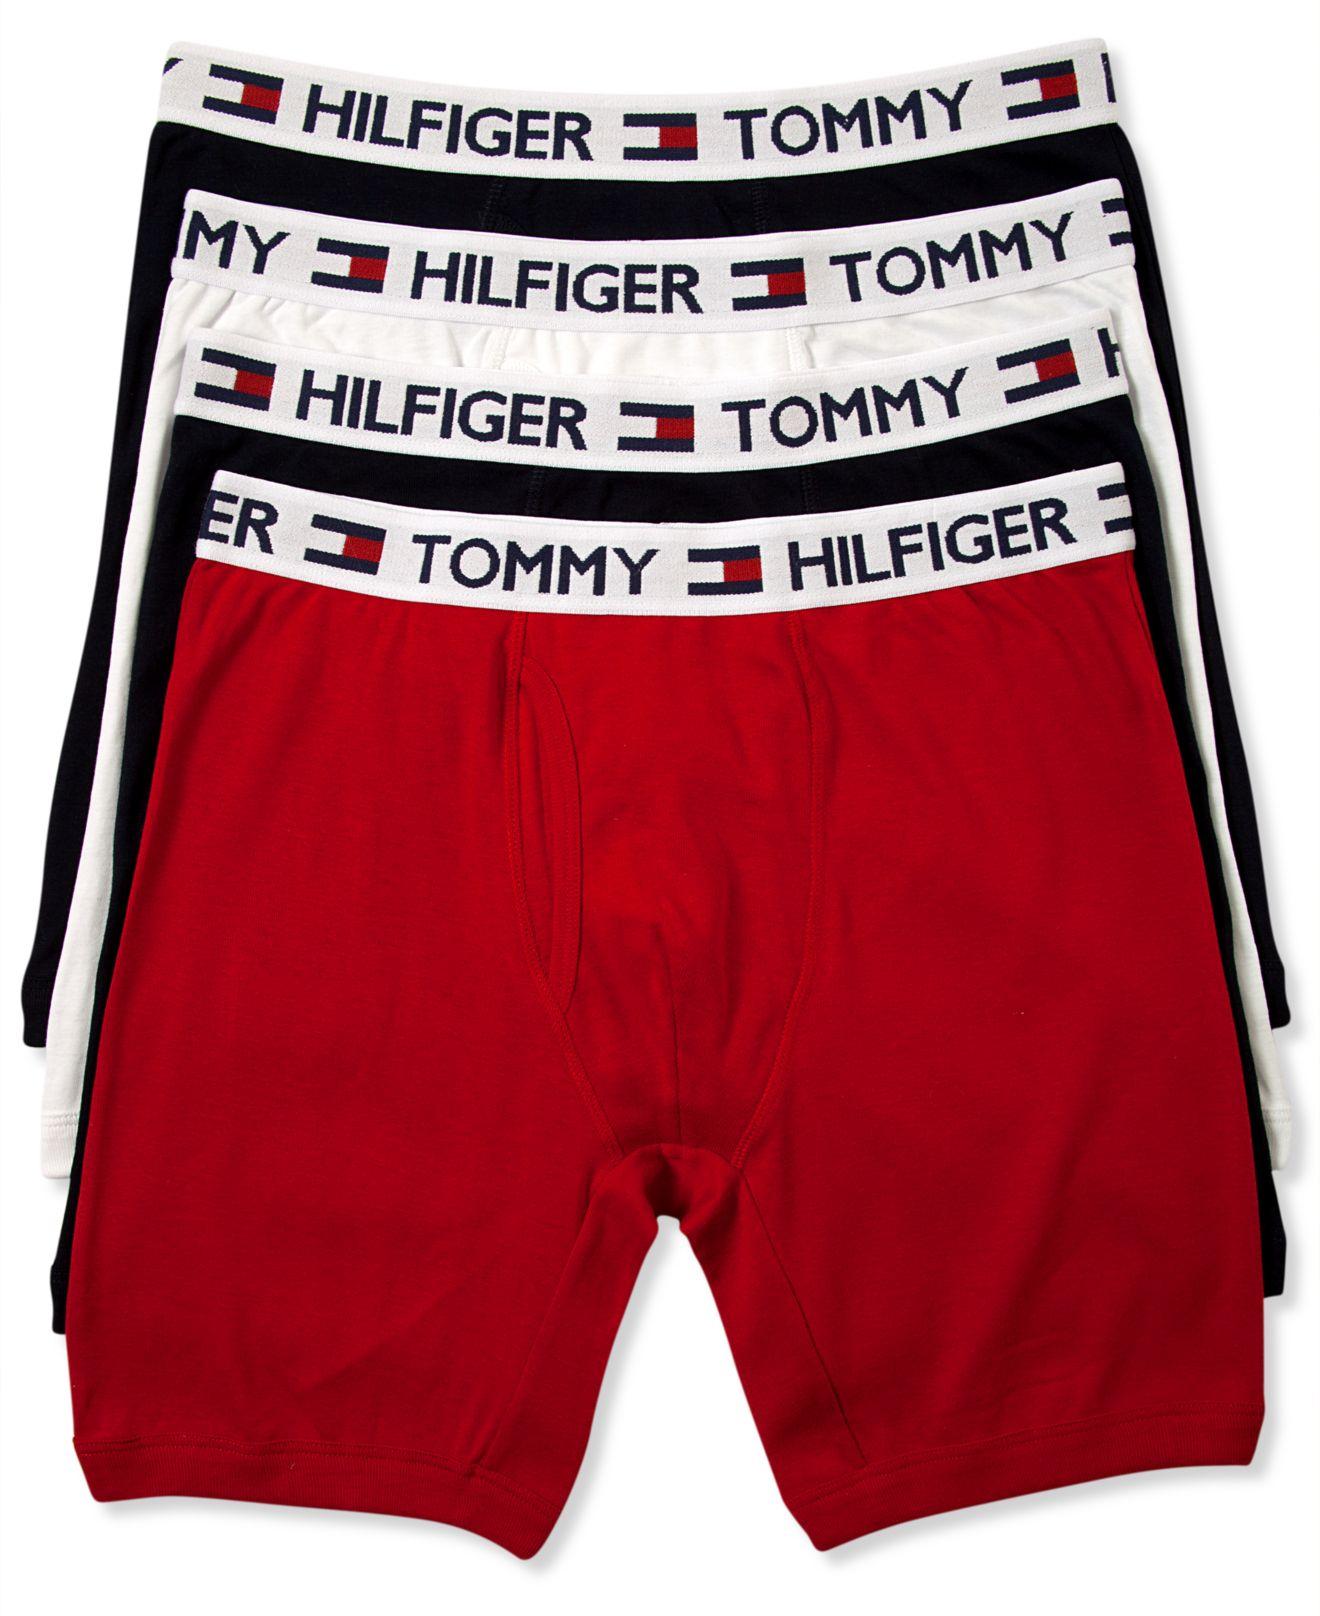 tommy hilfiger cotton boxer brief 4 pack for men lyst. Black Bedroom Furniture Sets. Home Design Ideas